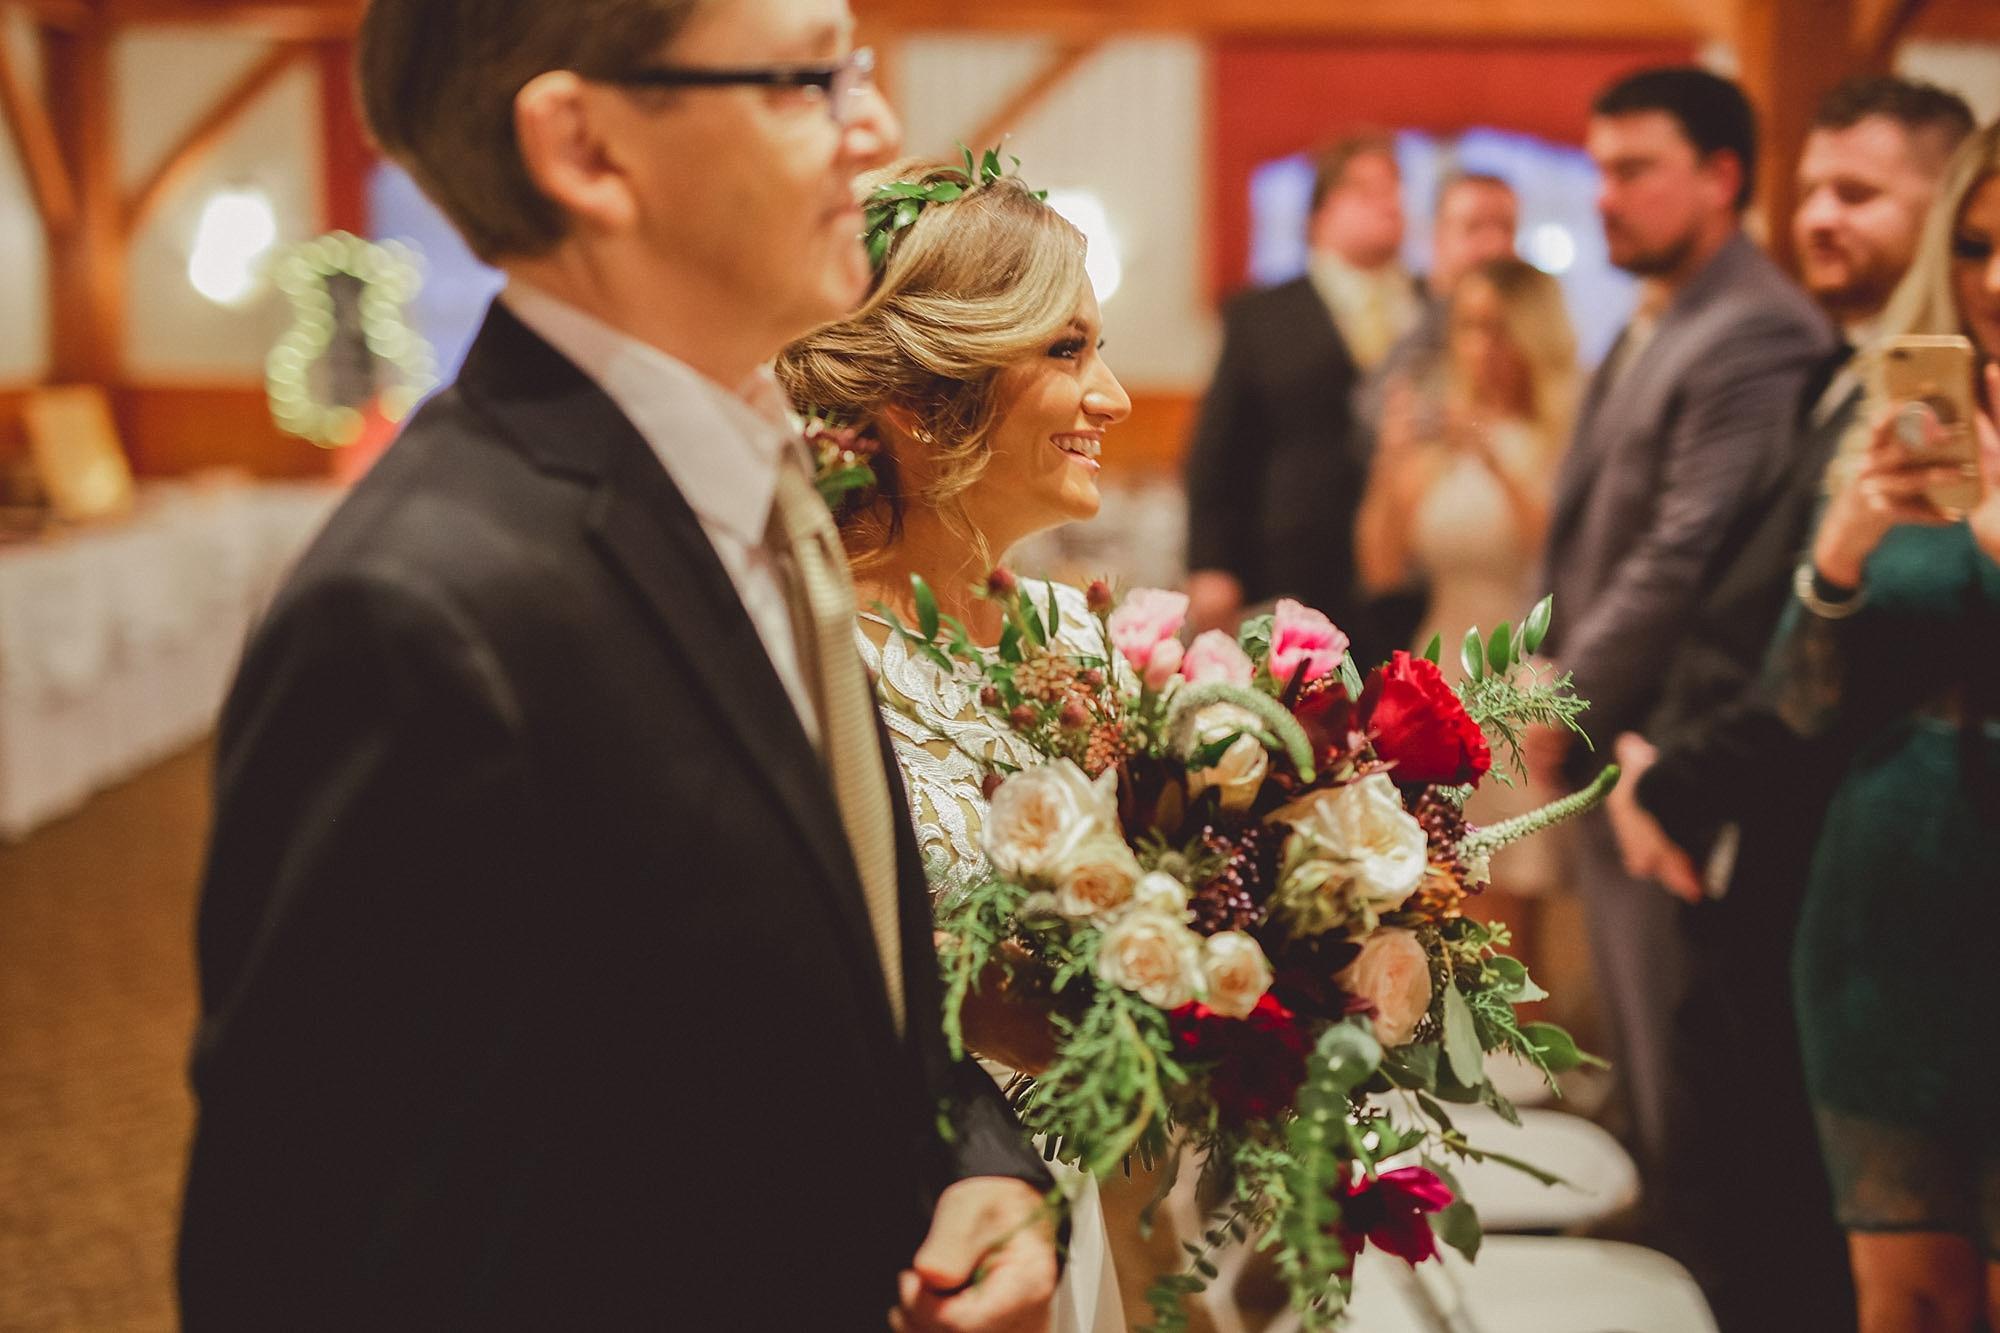 Tweaksbury-country-clup-wedding-39.jpg